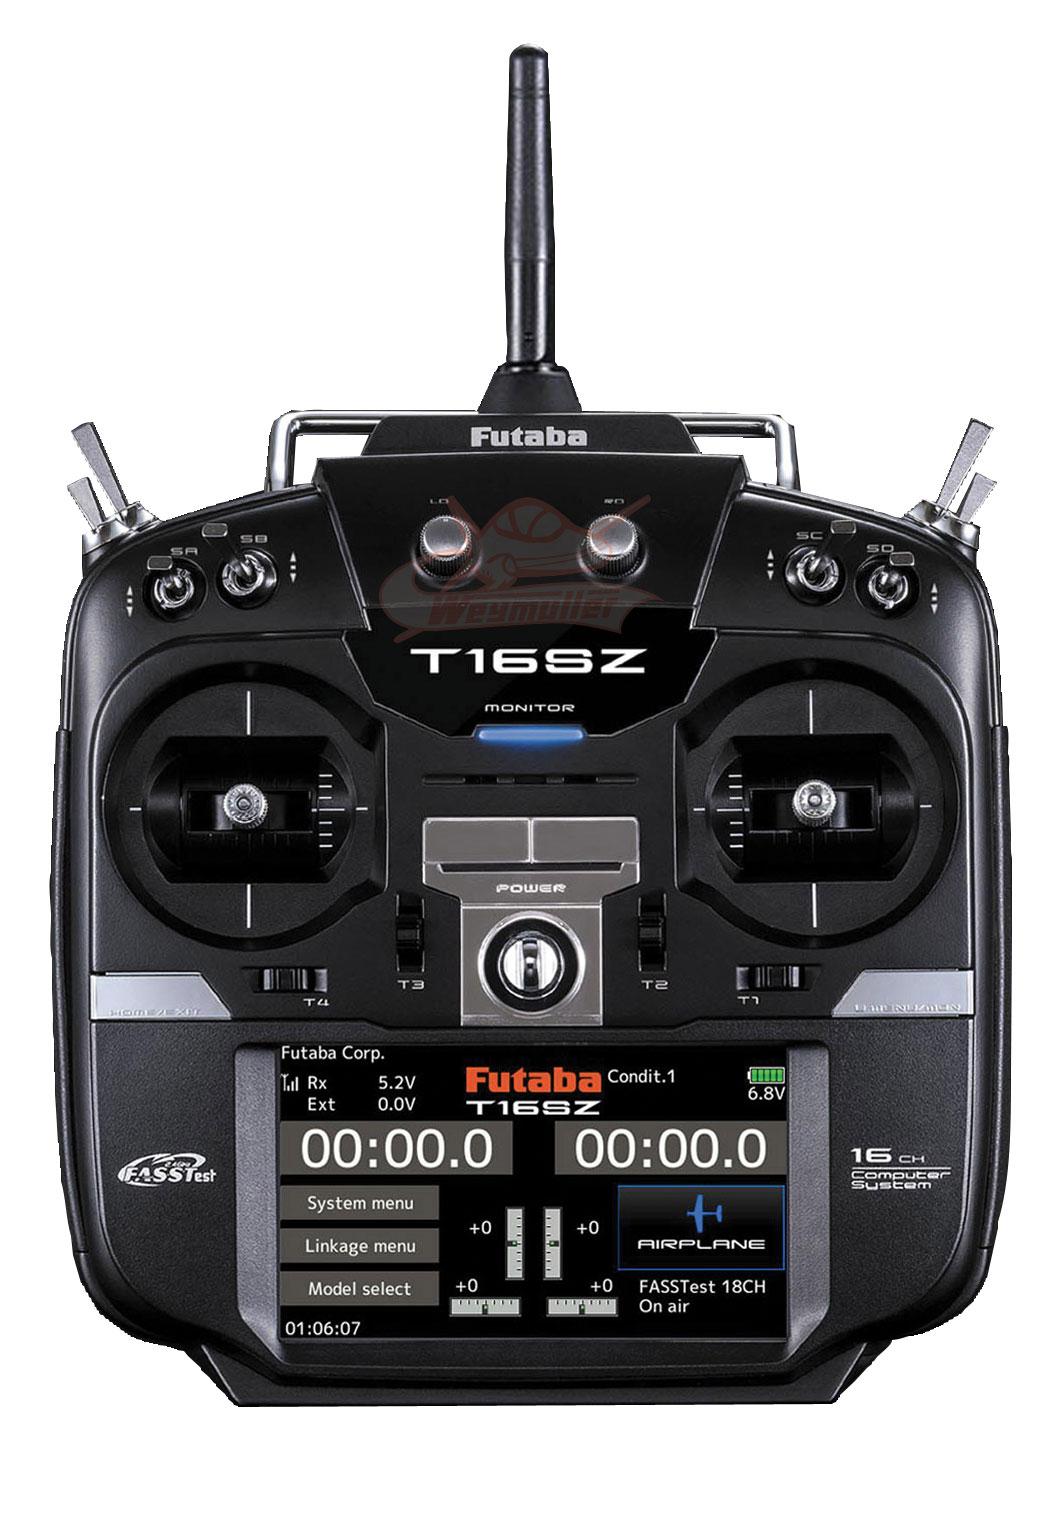 Radio Futaba 16SZ POTLESS 2,4GHz 16/8/0 accu Tx + chargeur Tx. Mode 1